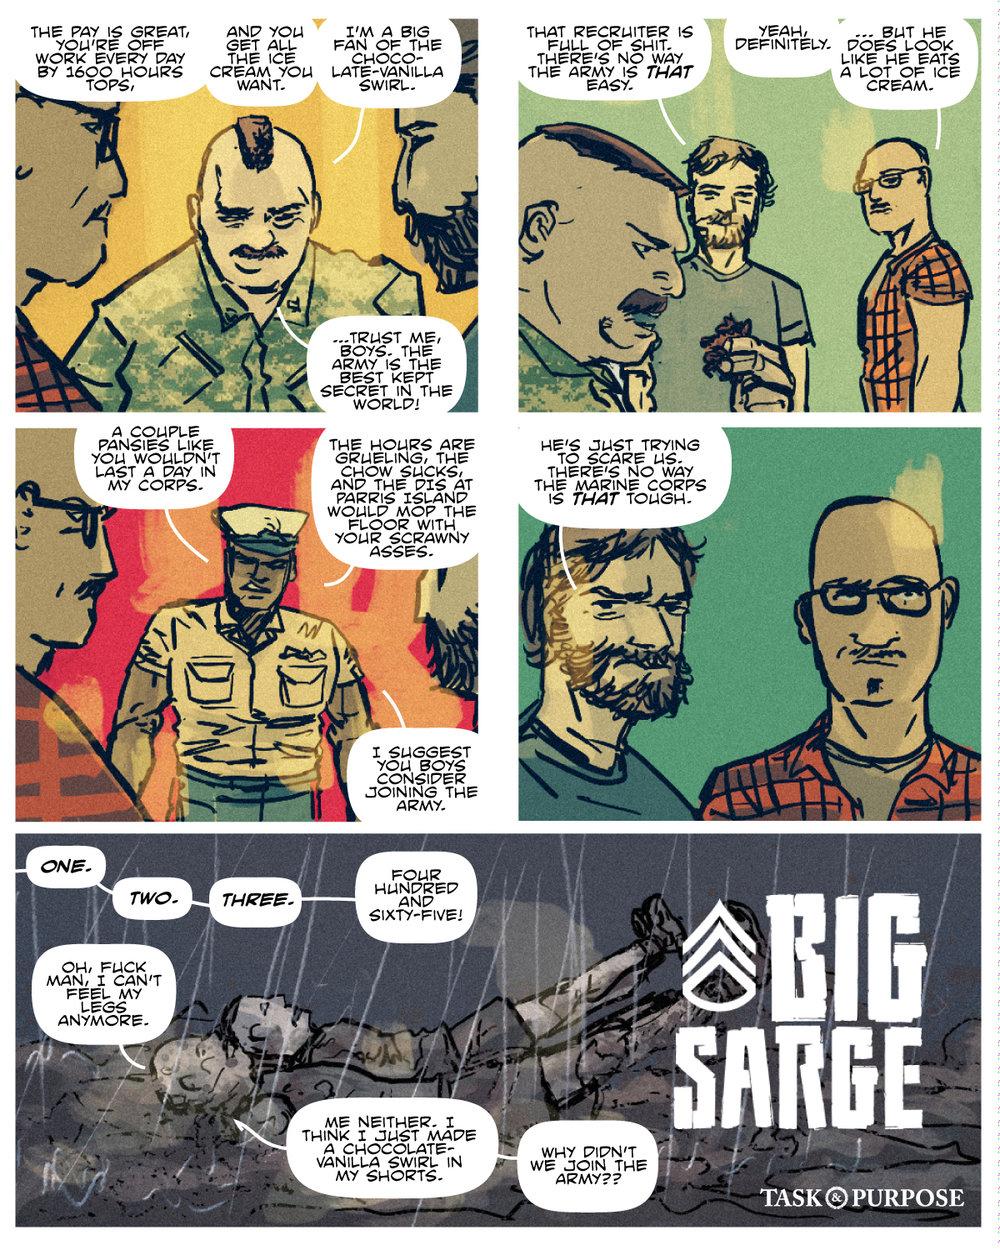 big_sarge_03_letters_IG.jpg